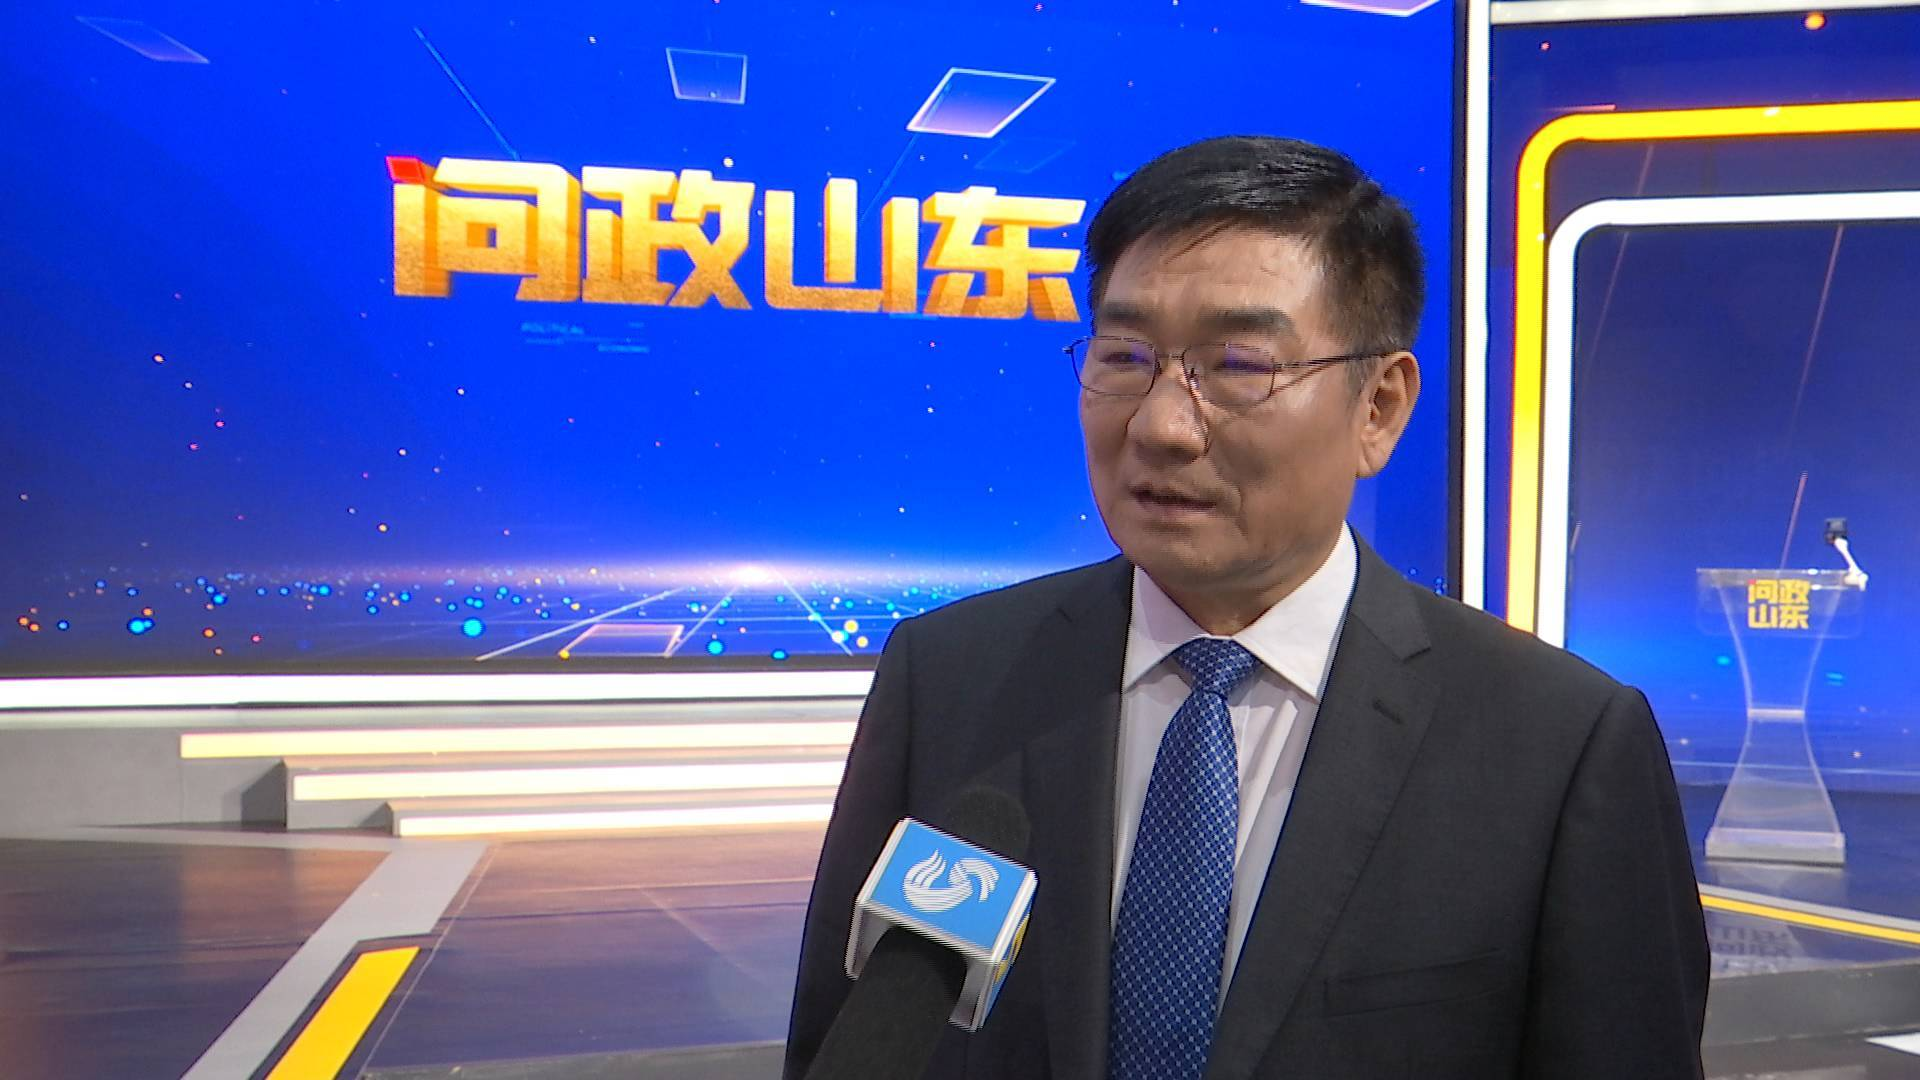 问政山东|泰安高新区管委会主任刘斌:找清问题、举一反三,切实做到高质量发展